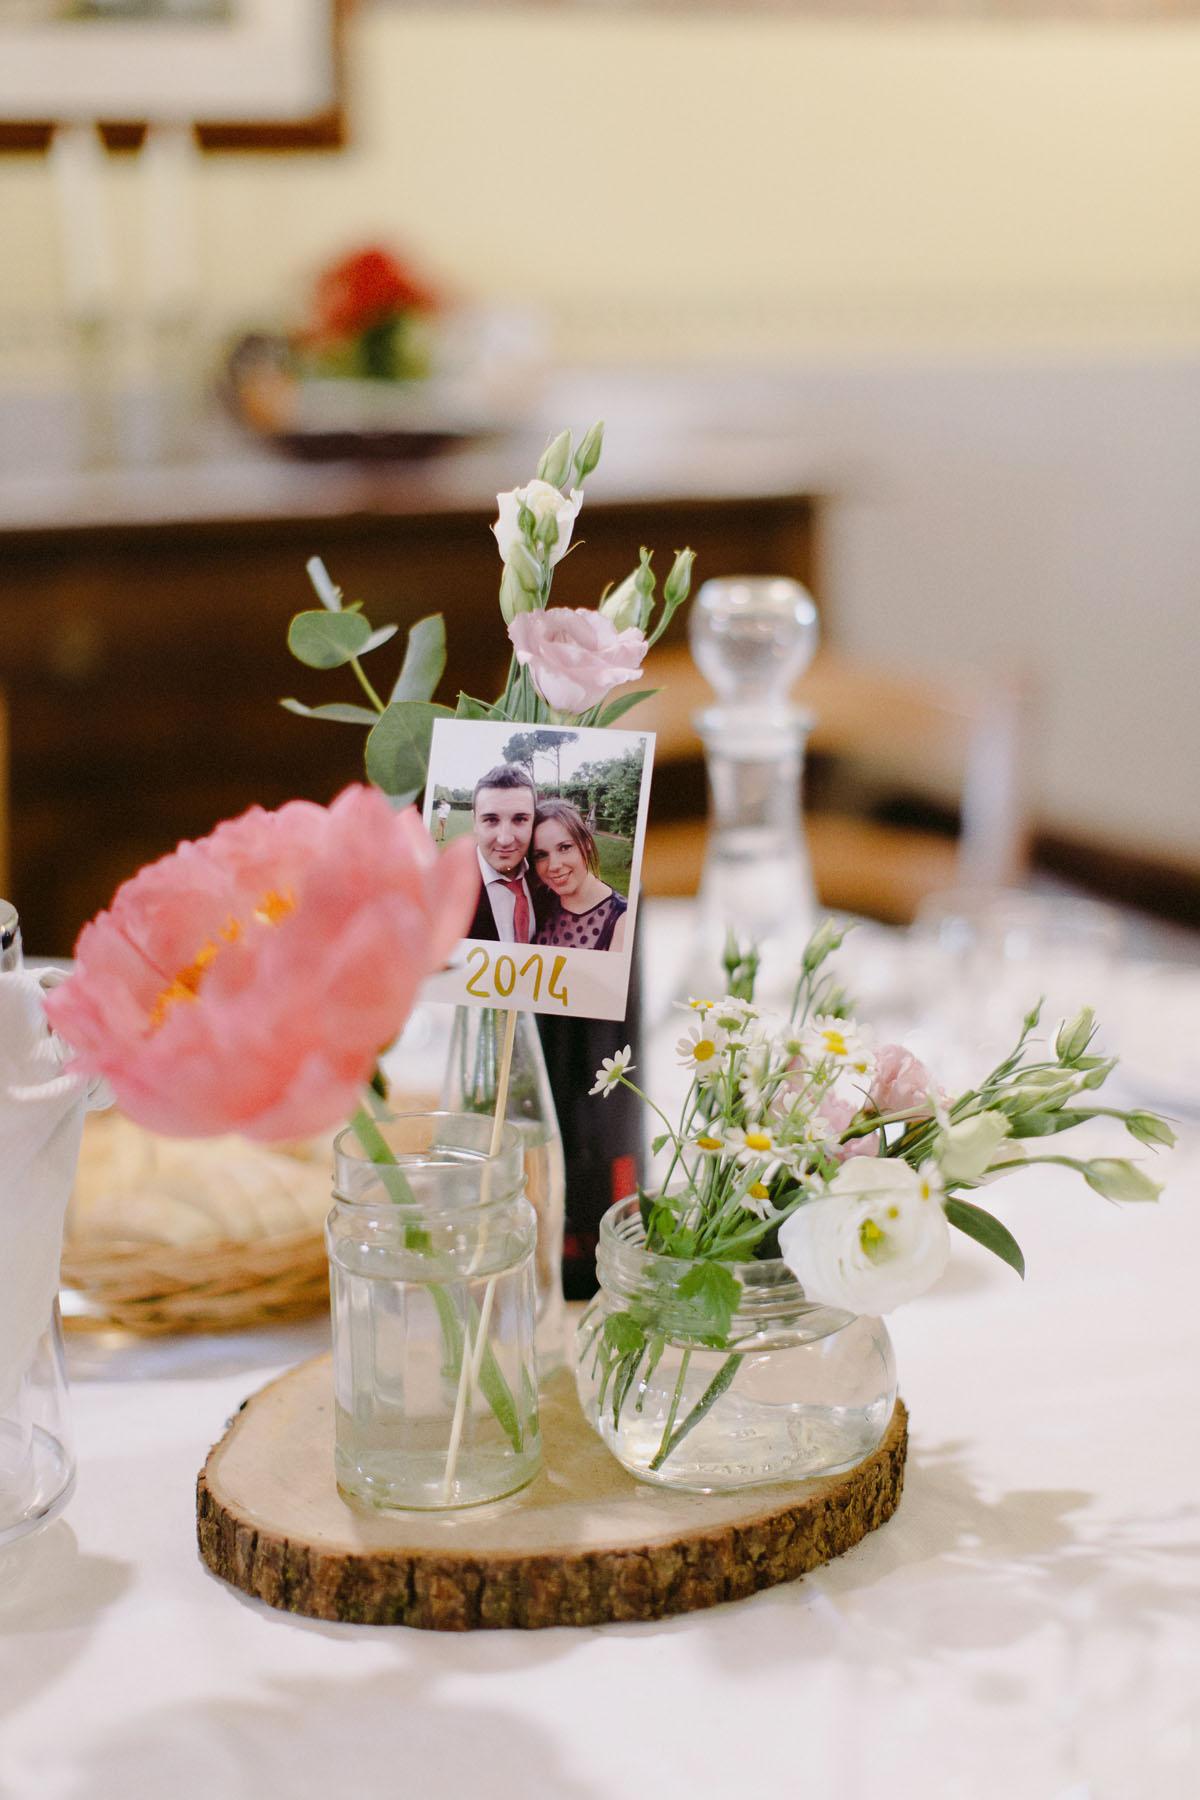 centrotavola matrimonio con vasetti di vetro, legno e polaroid